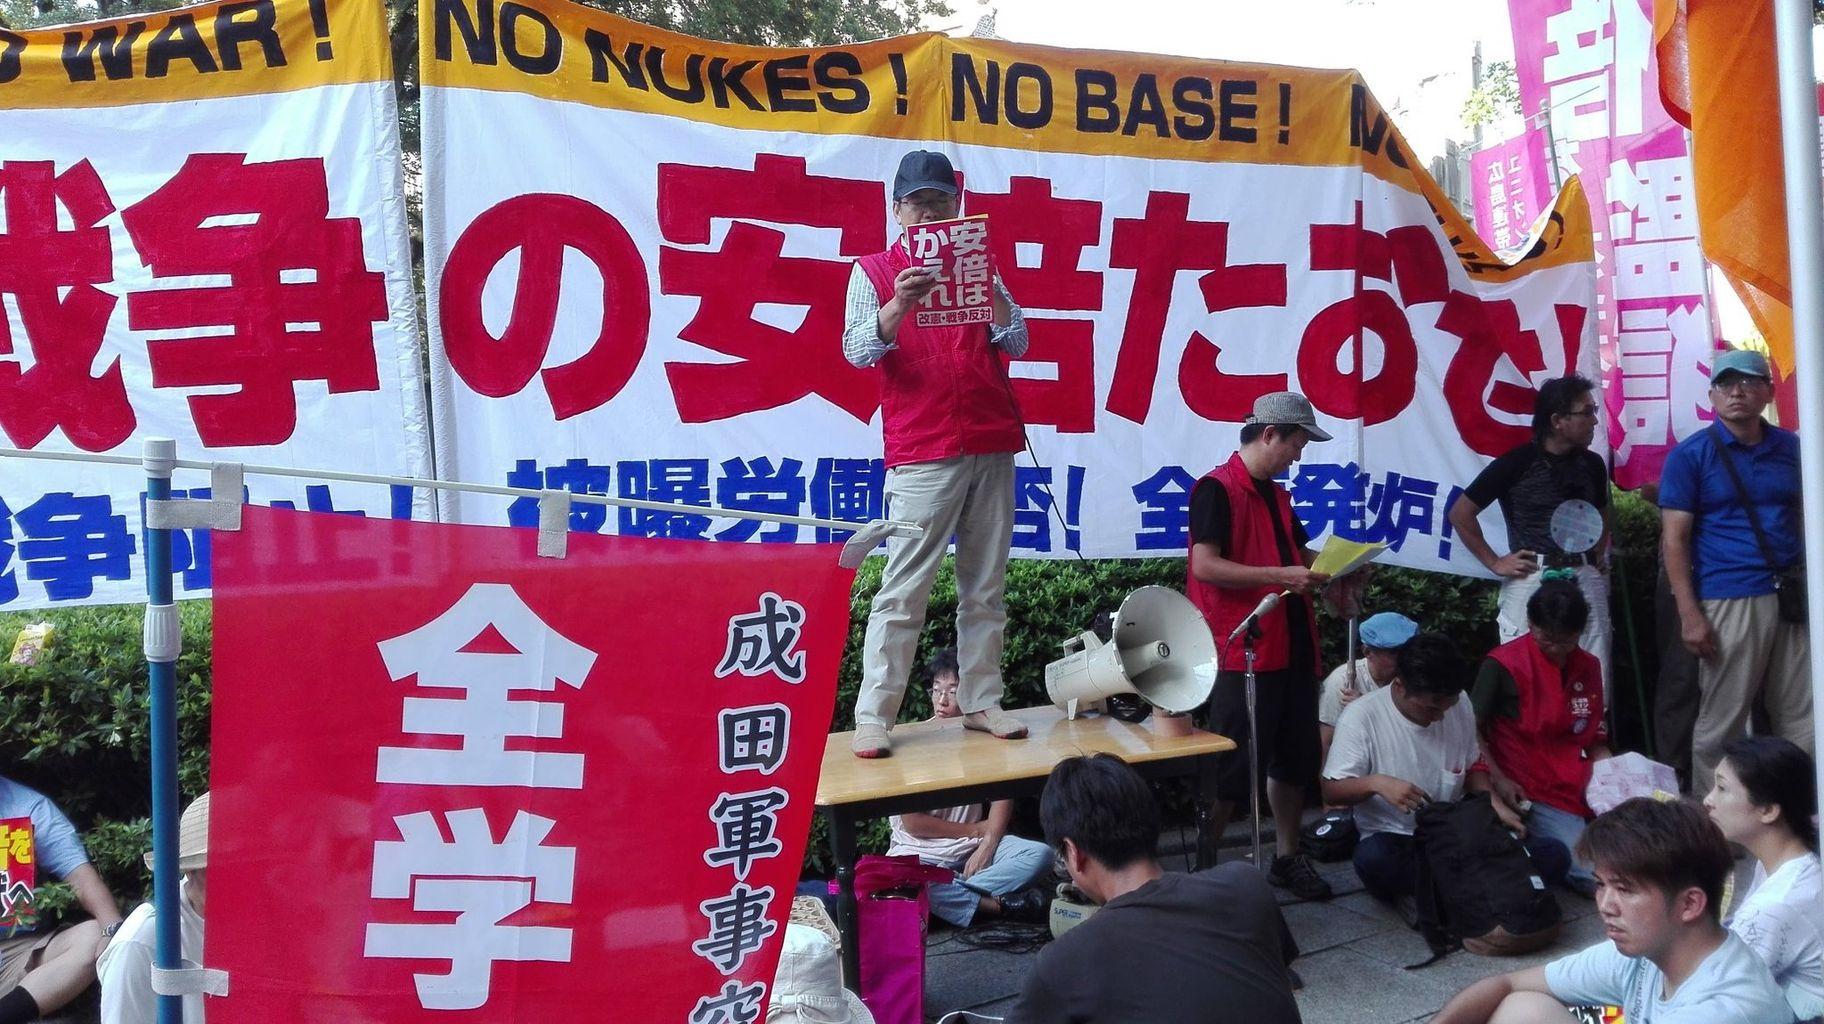 http://livedoor.blogimg.jp/gensen_2ch/imgs/0/8/081b30e7.jpg